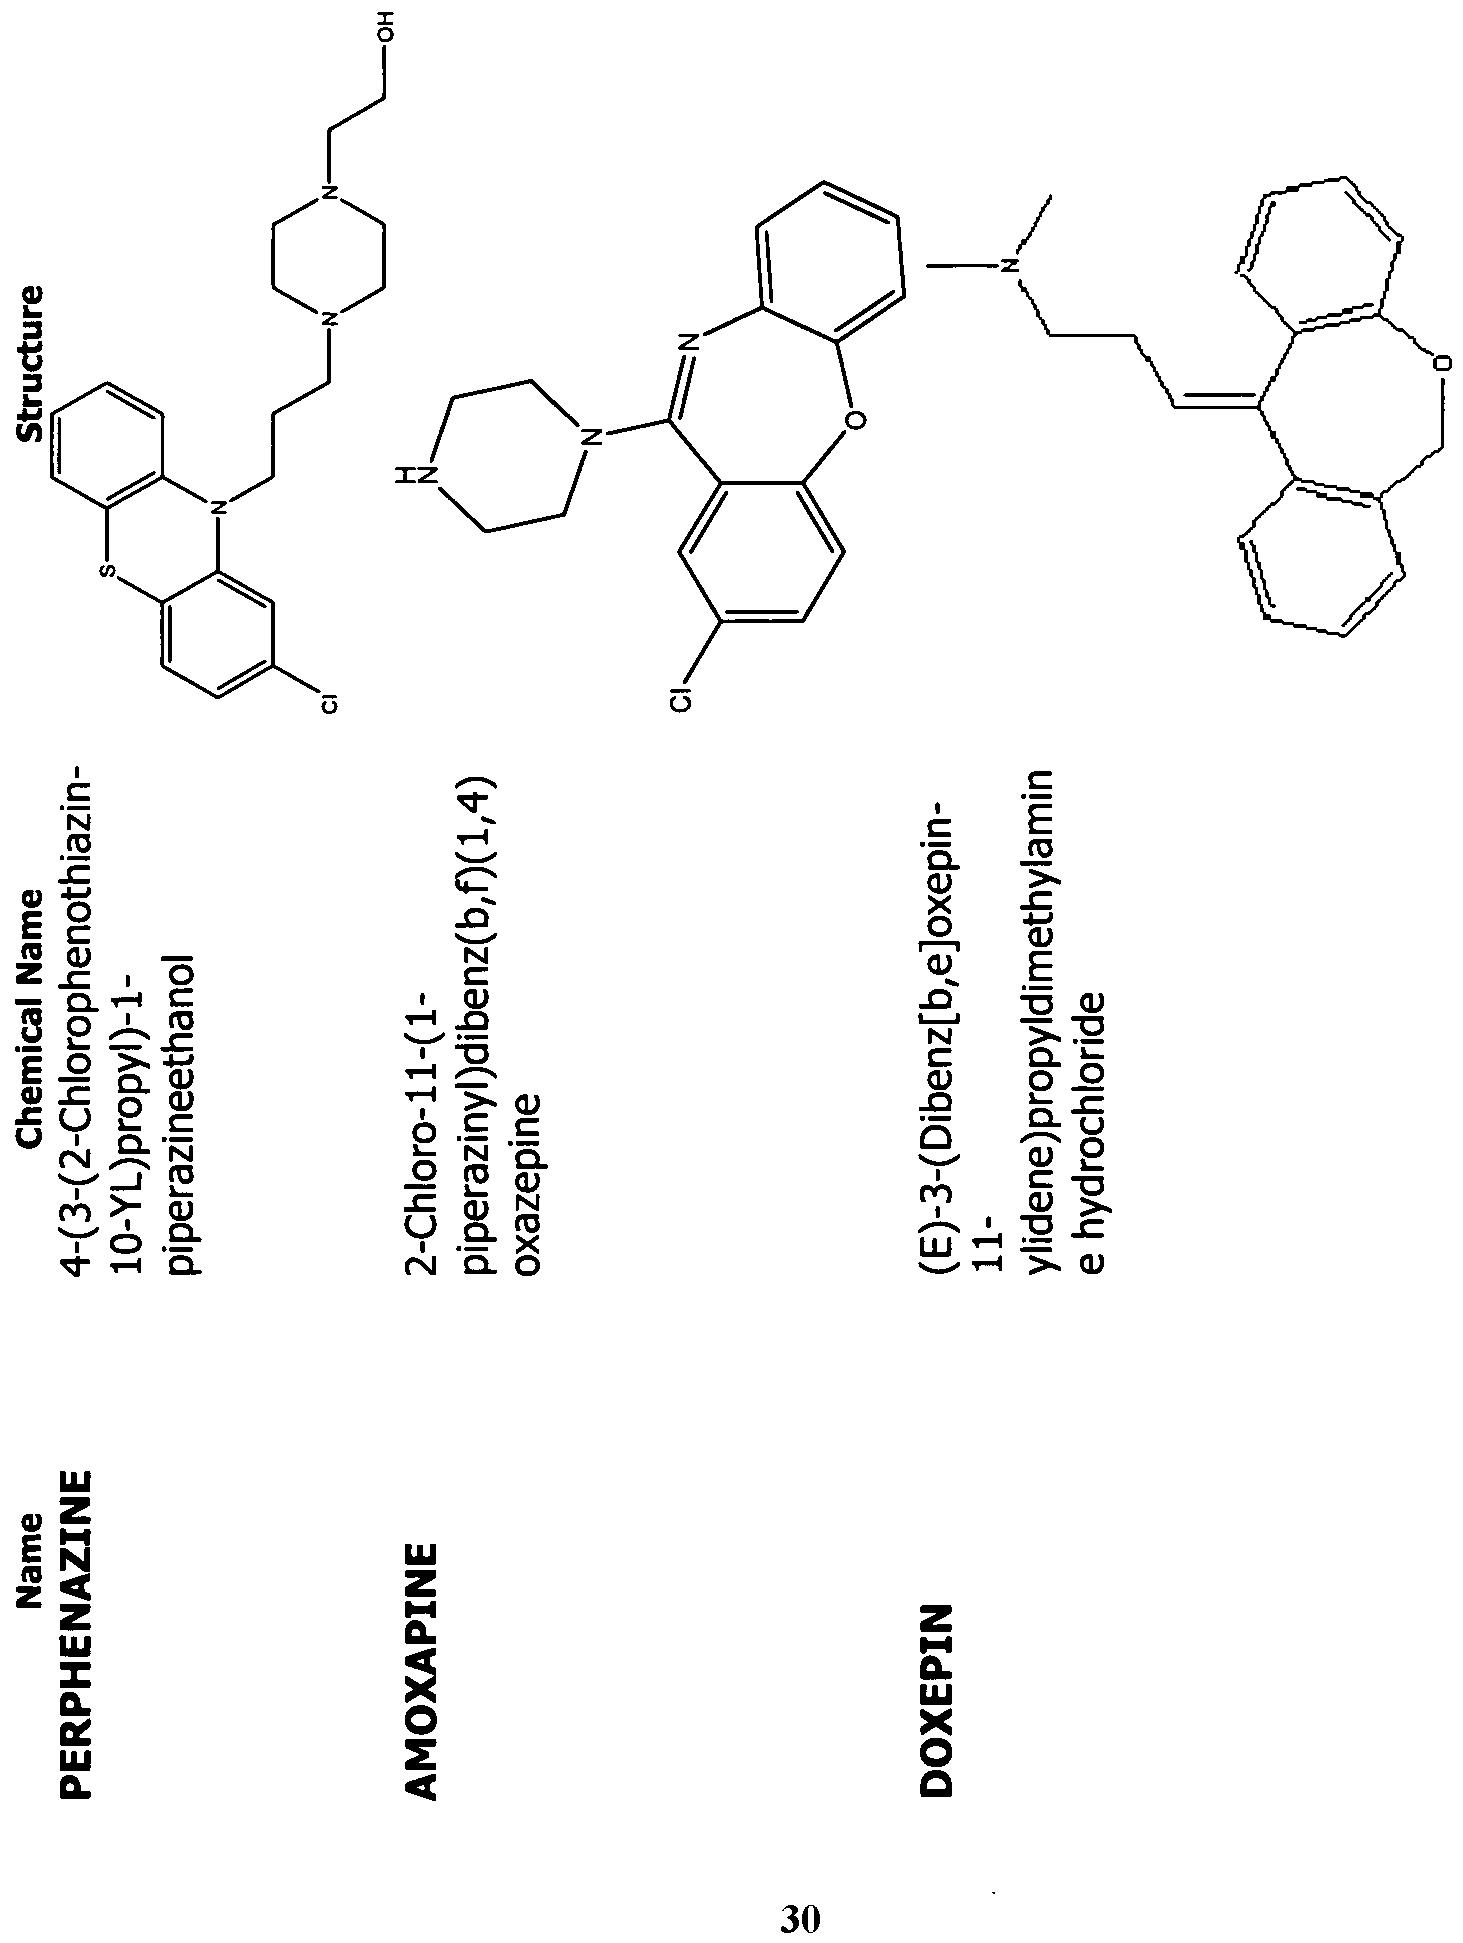 viagraonlinepharmacy